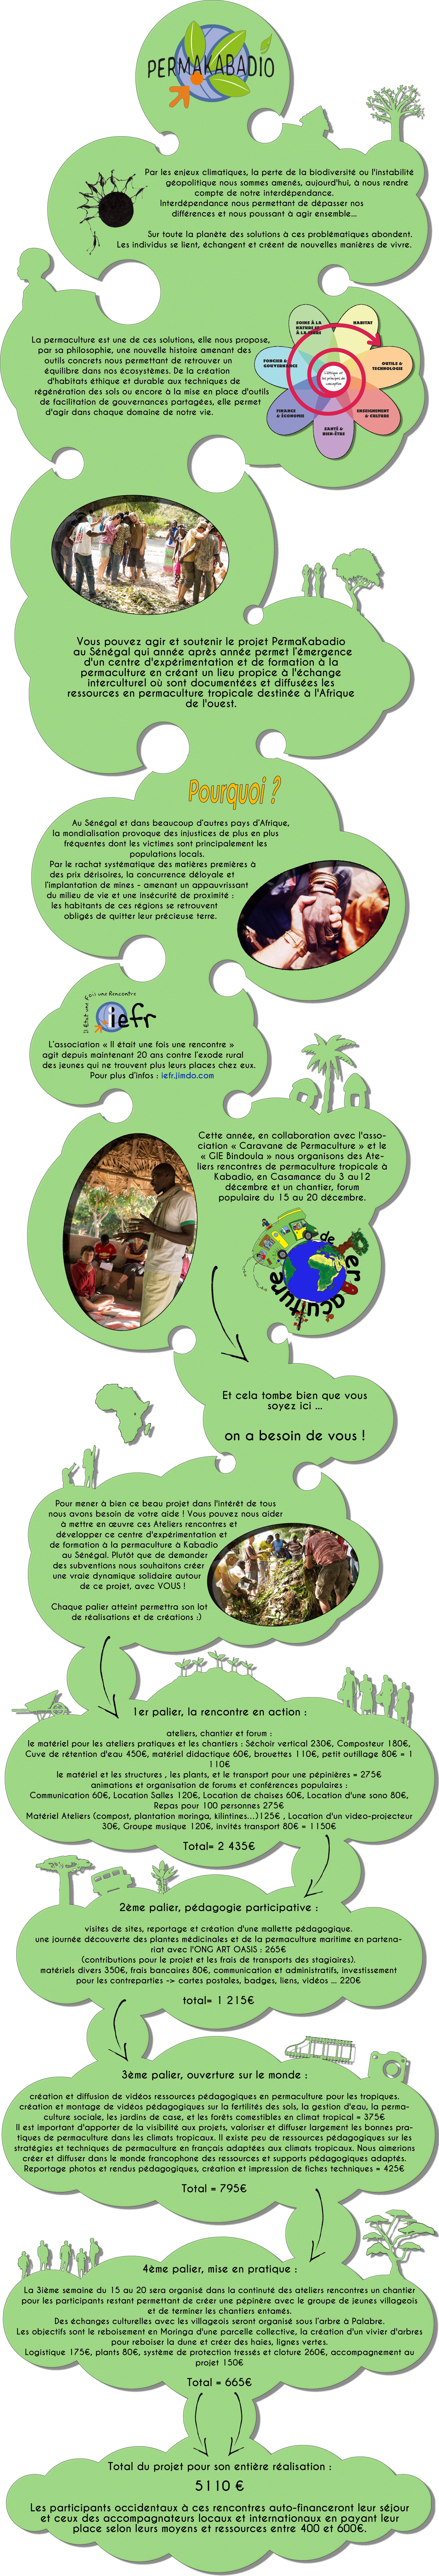 Aide pour le financement d'Ateliers - Rencontres de Permaculture en Casamance au Sénégal